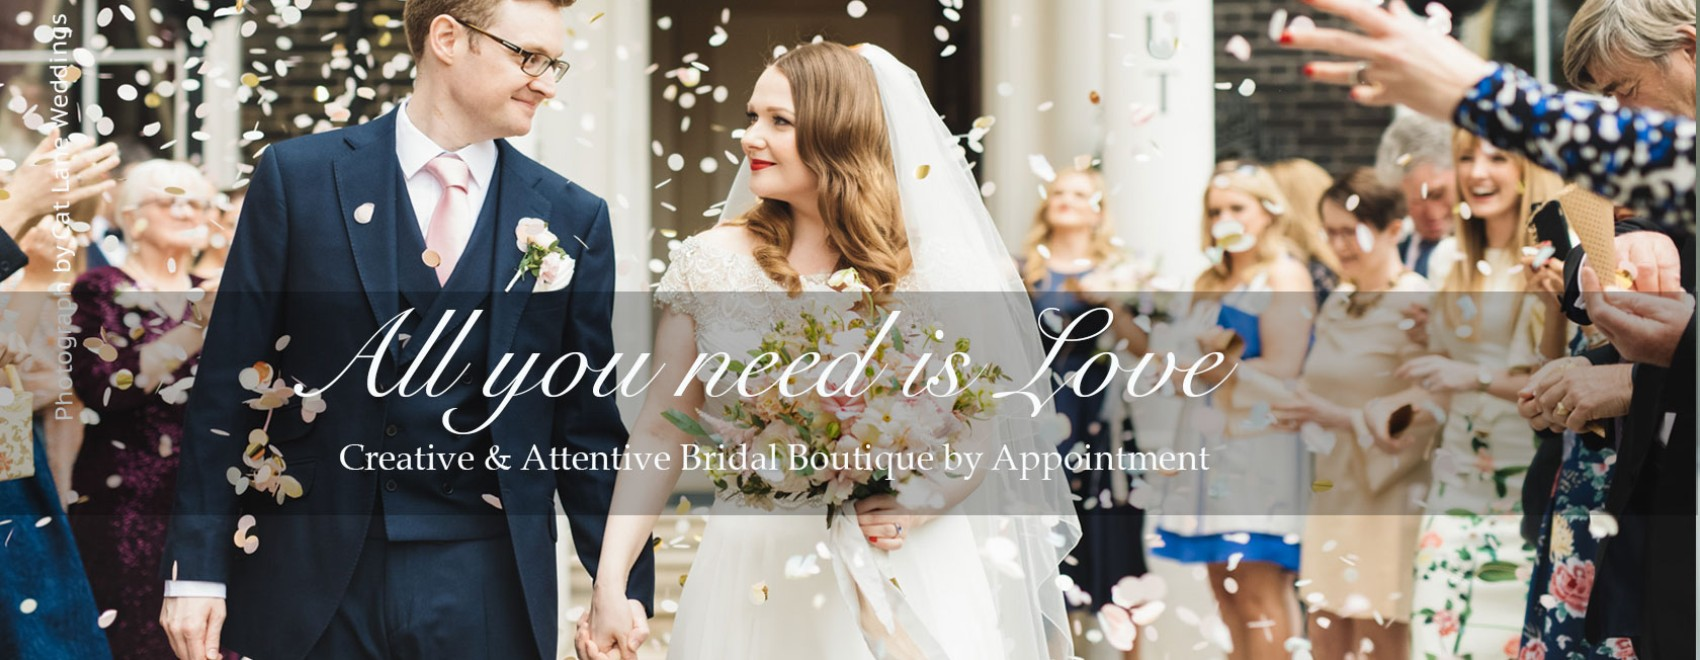 48pzfkyxxjgj3m,Dresses To Wear To A Wedding Reception